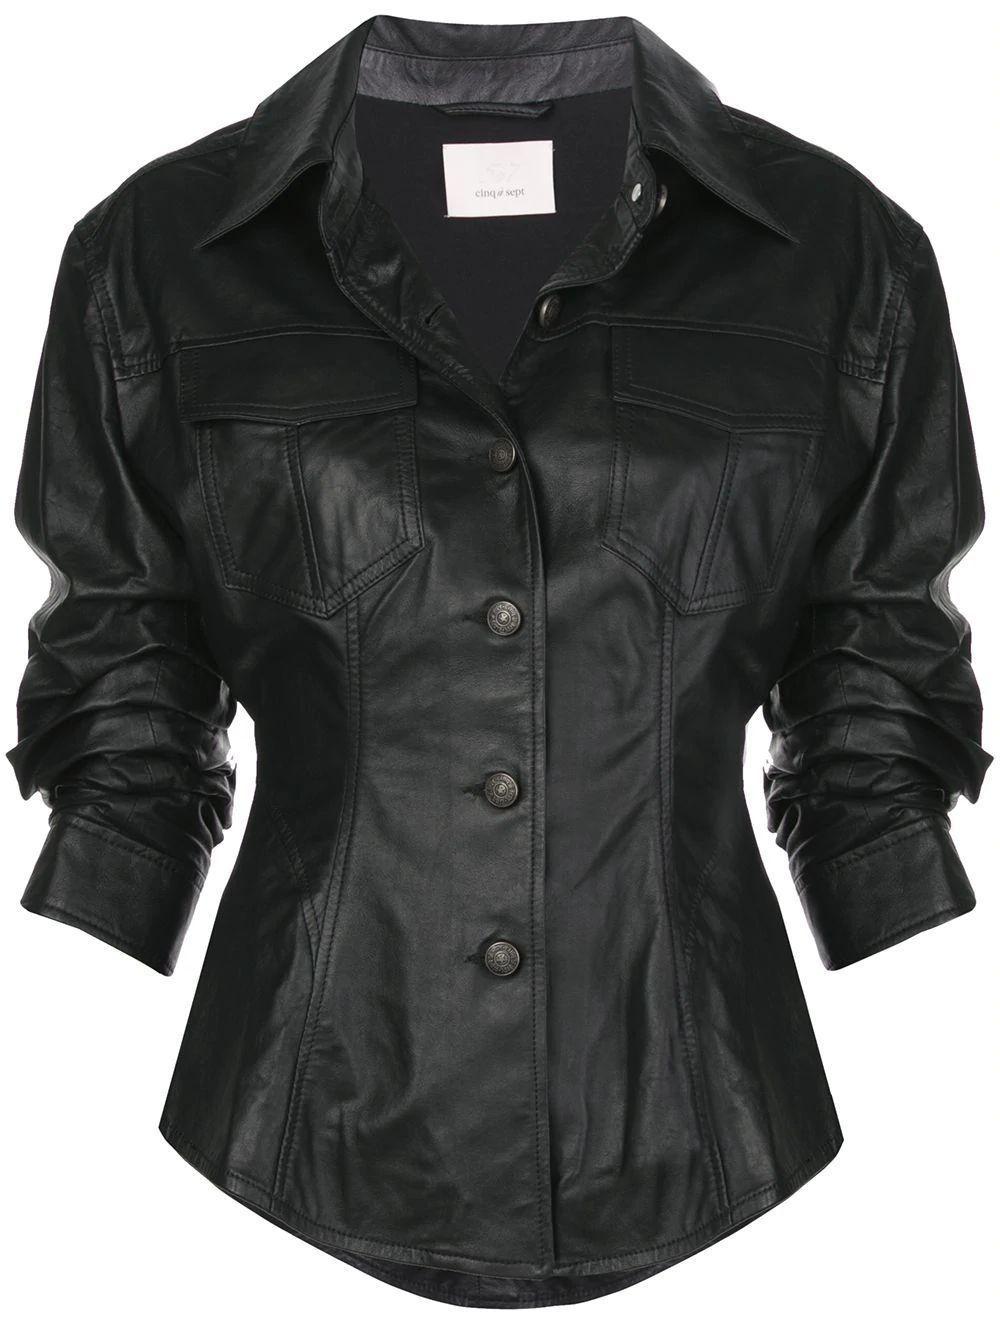 Canyon Leather Jacket